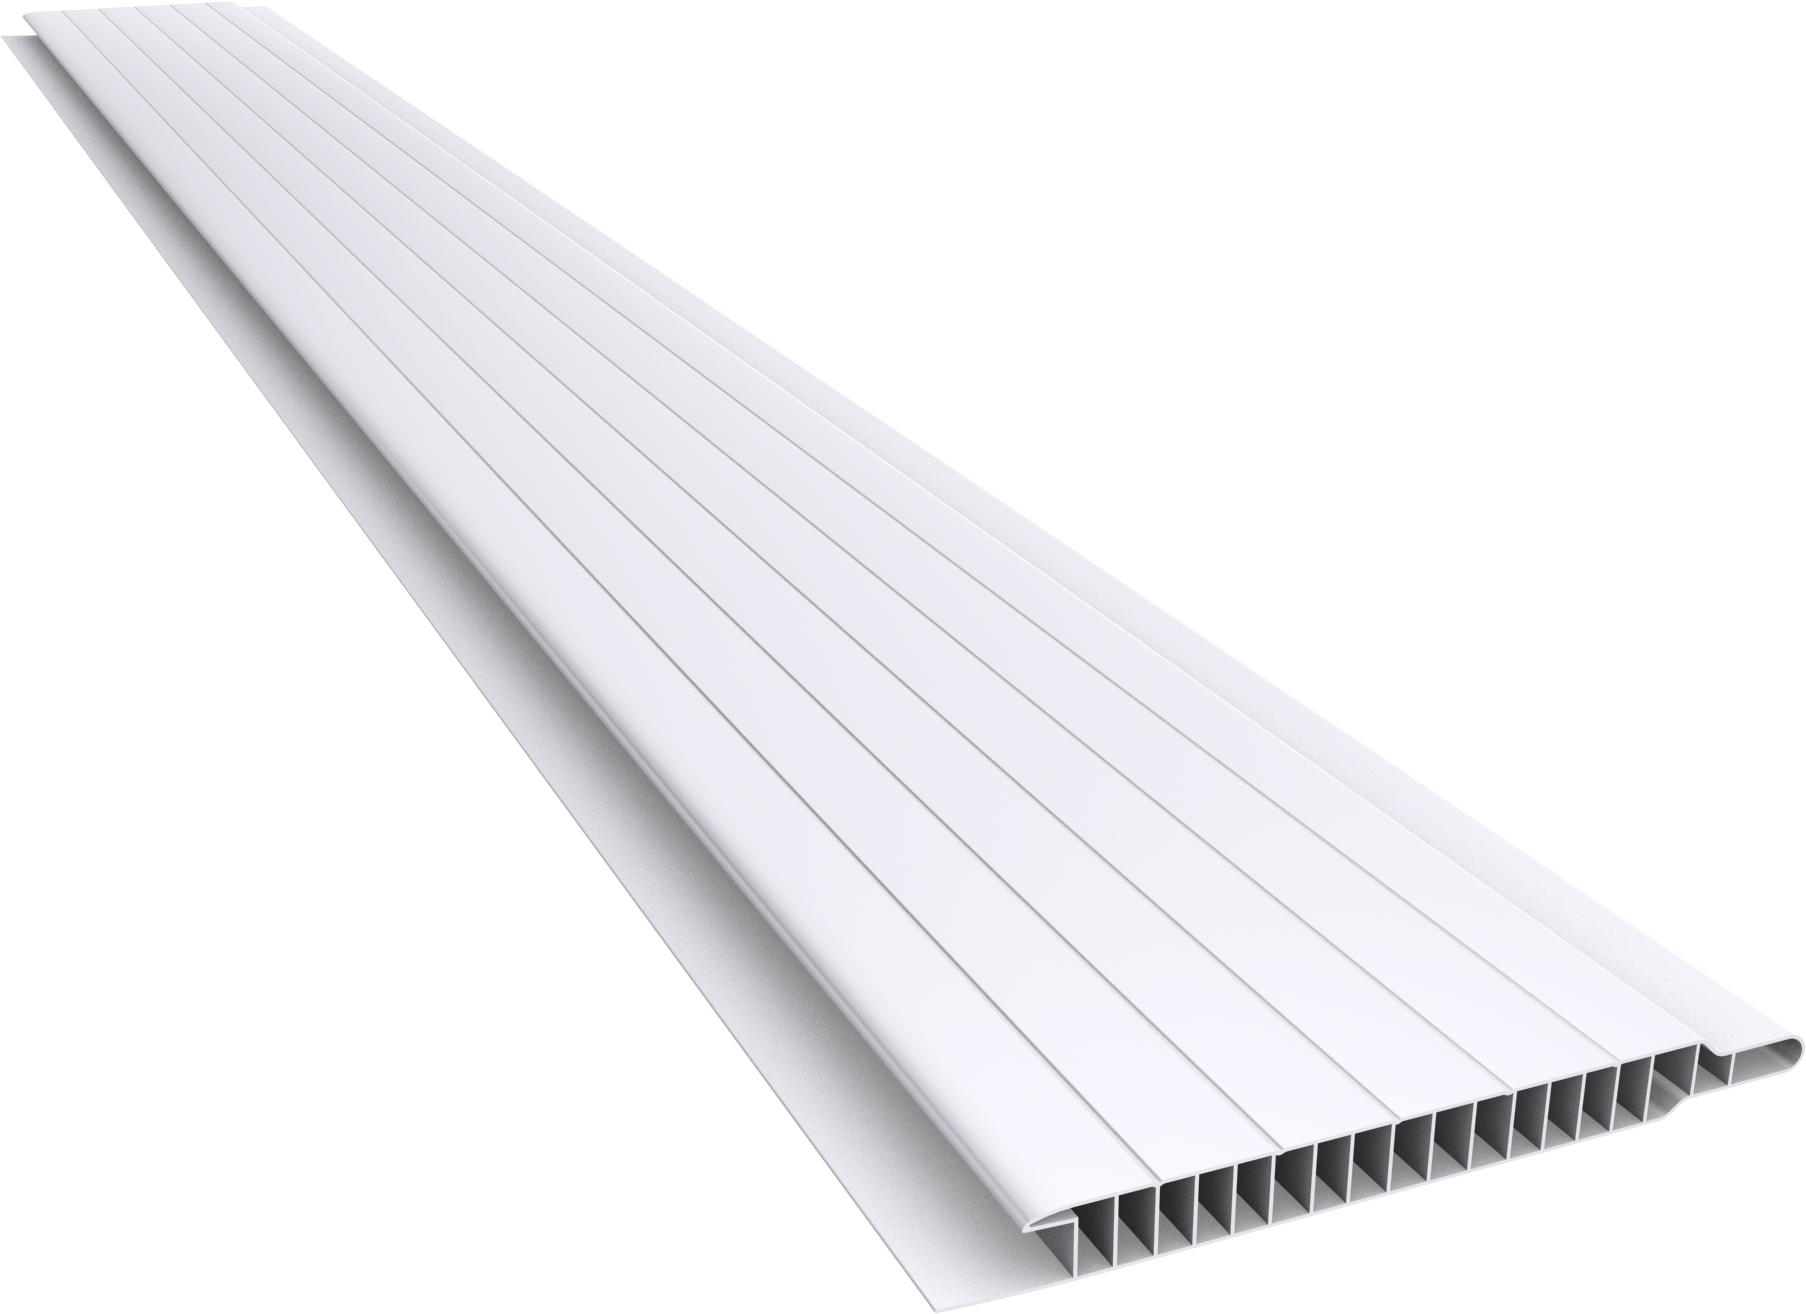 Forro PVC 100 Nobre Frisado 10mm